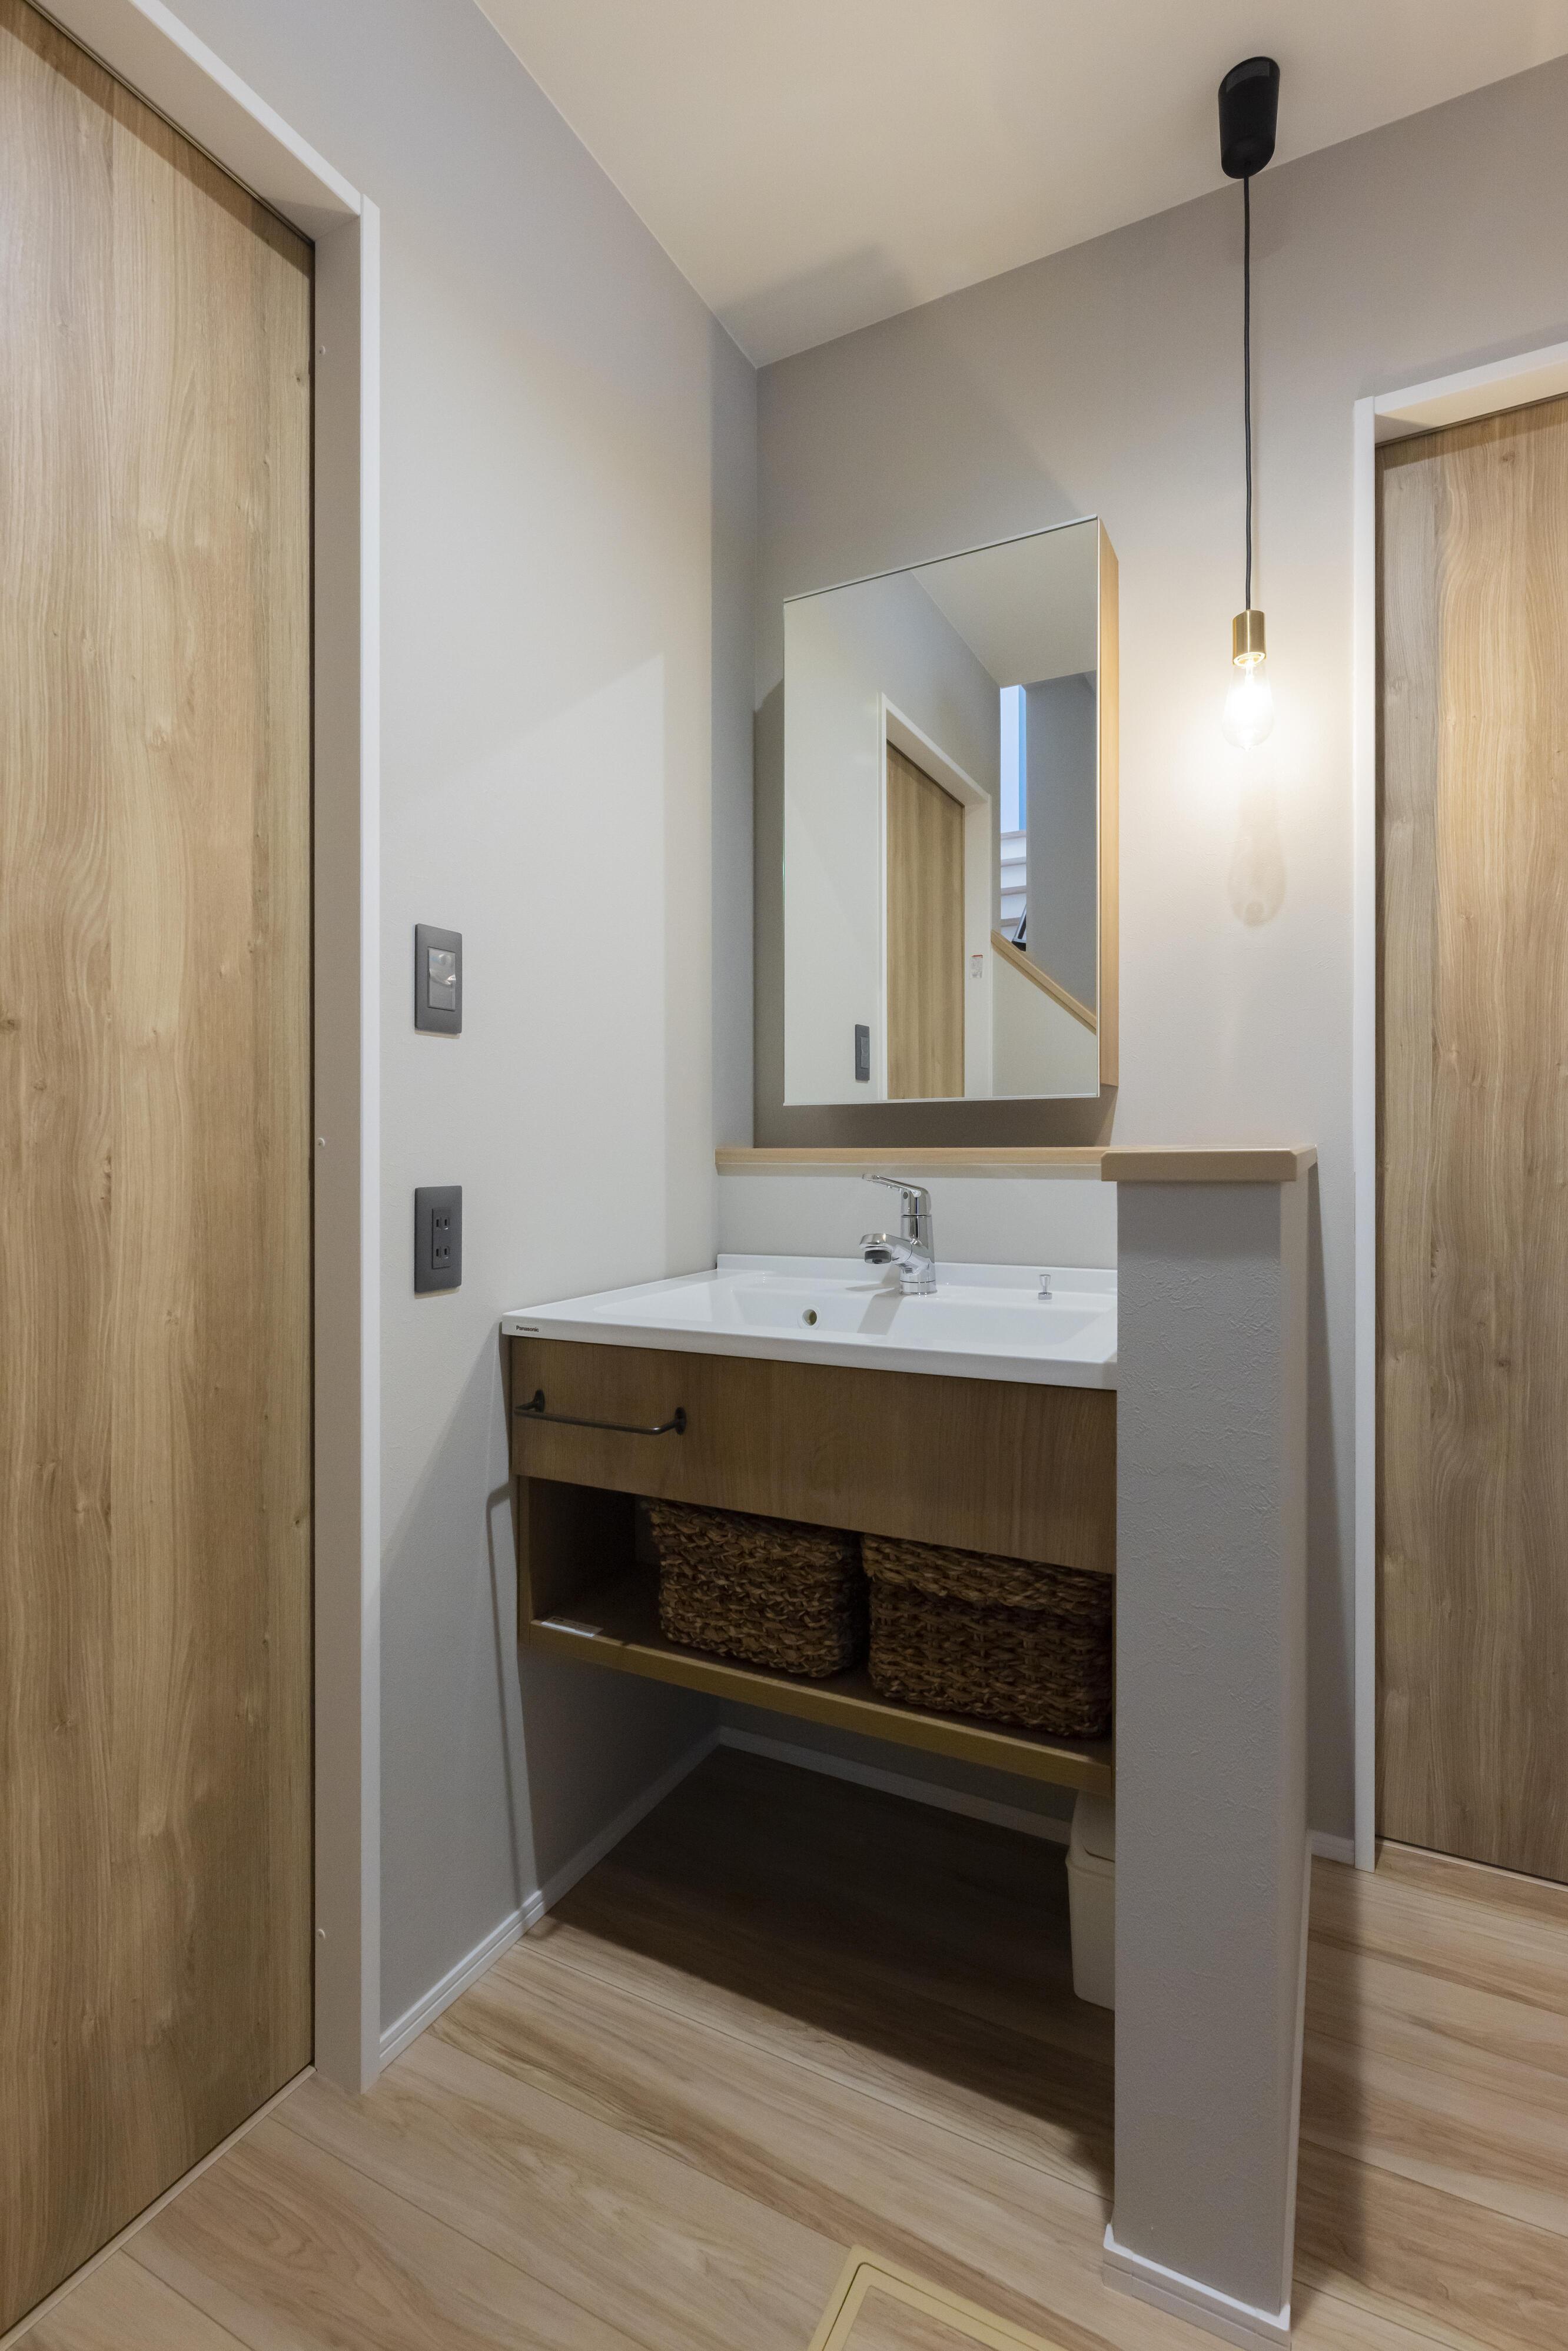 帰宅時に手洗いしやすいように玄関付近にも洗面台を設置している